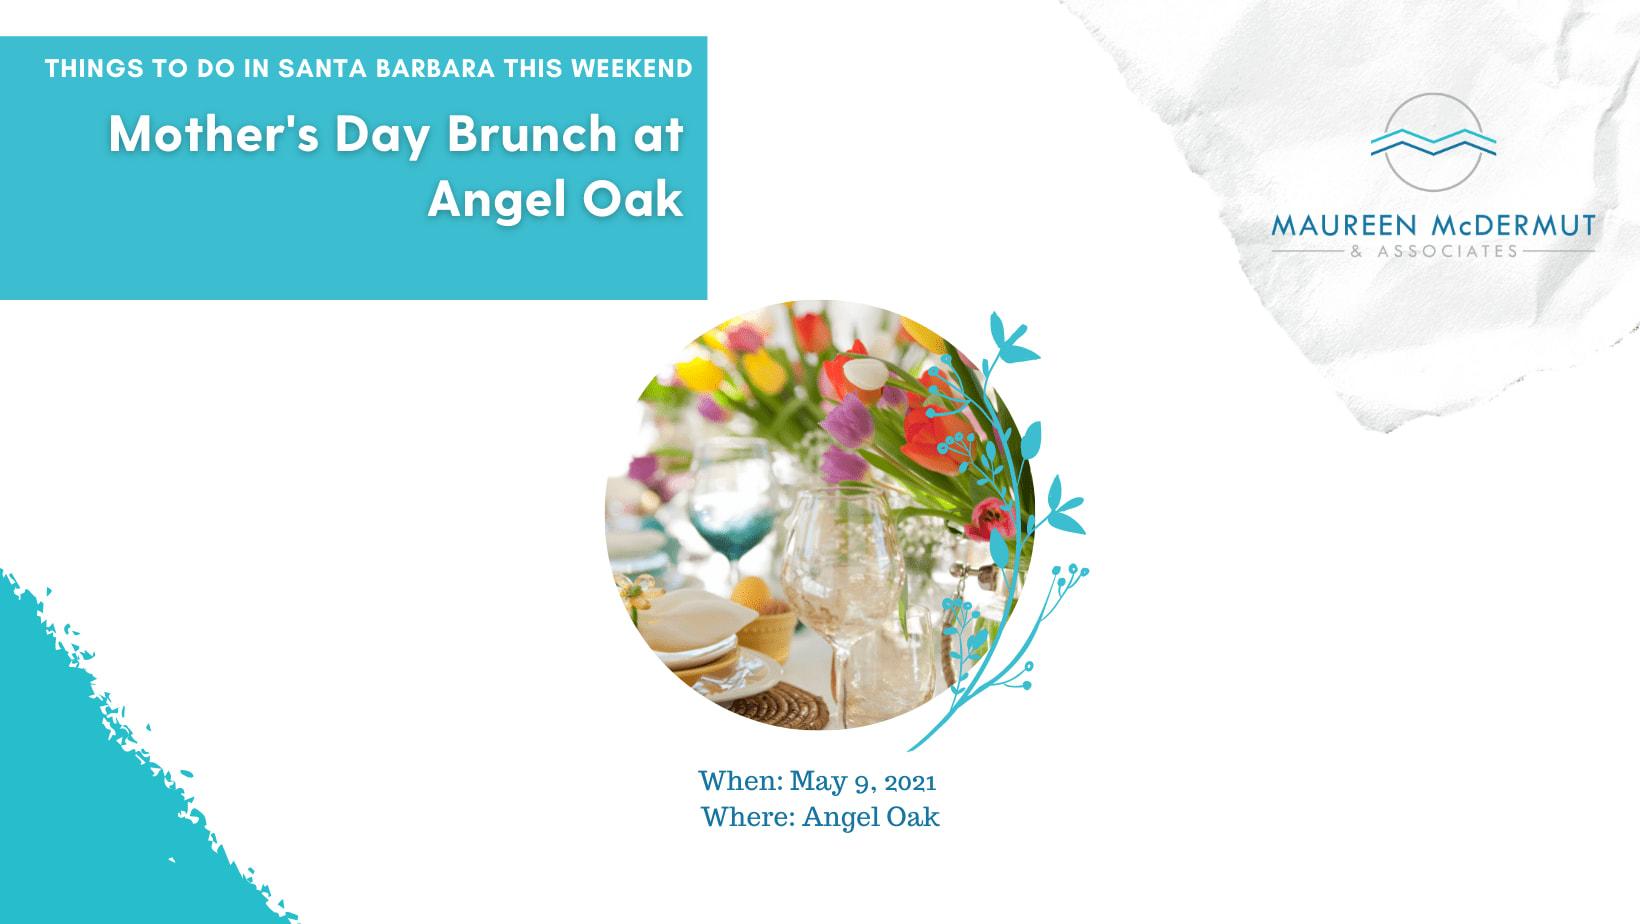 Mother's Day Brunch at Angel Oak image